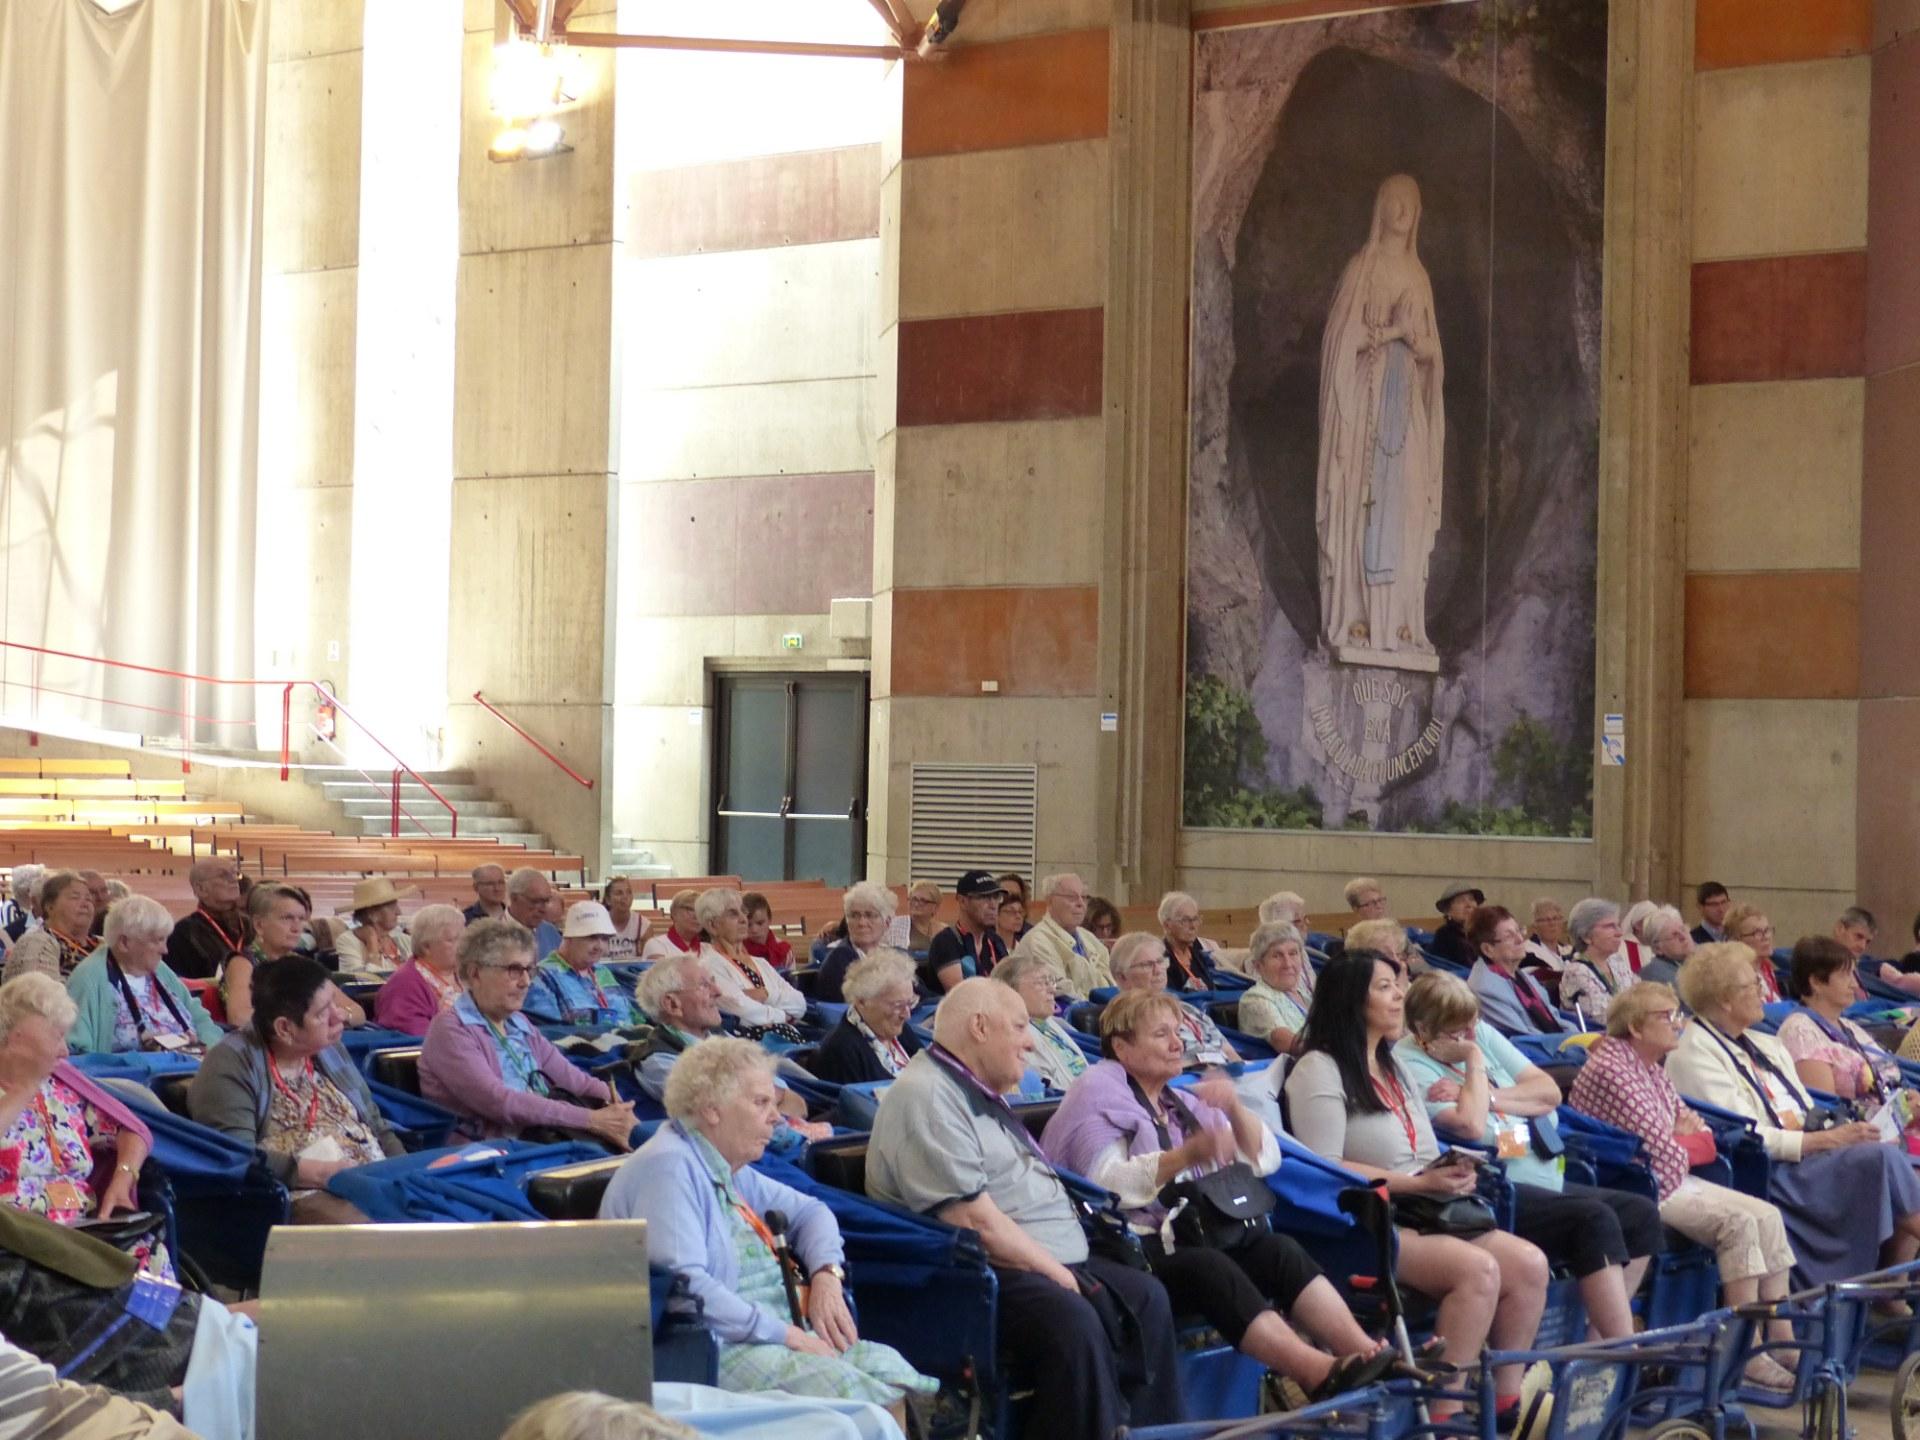 Lourdes2018-photos Sacrmt reconciliation (4)